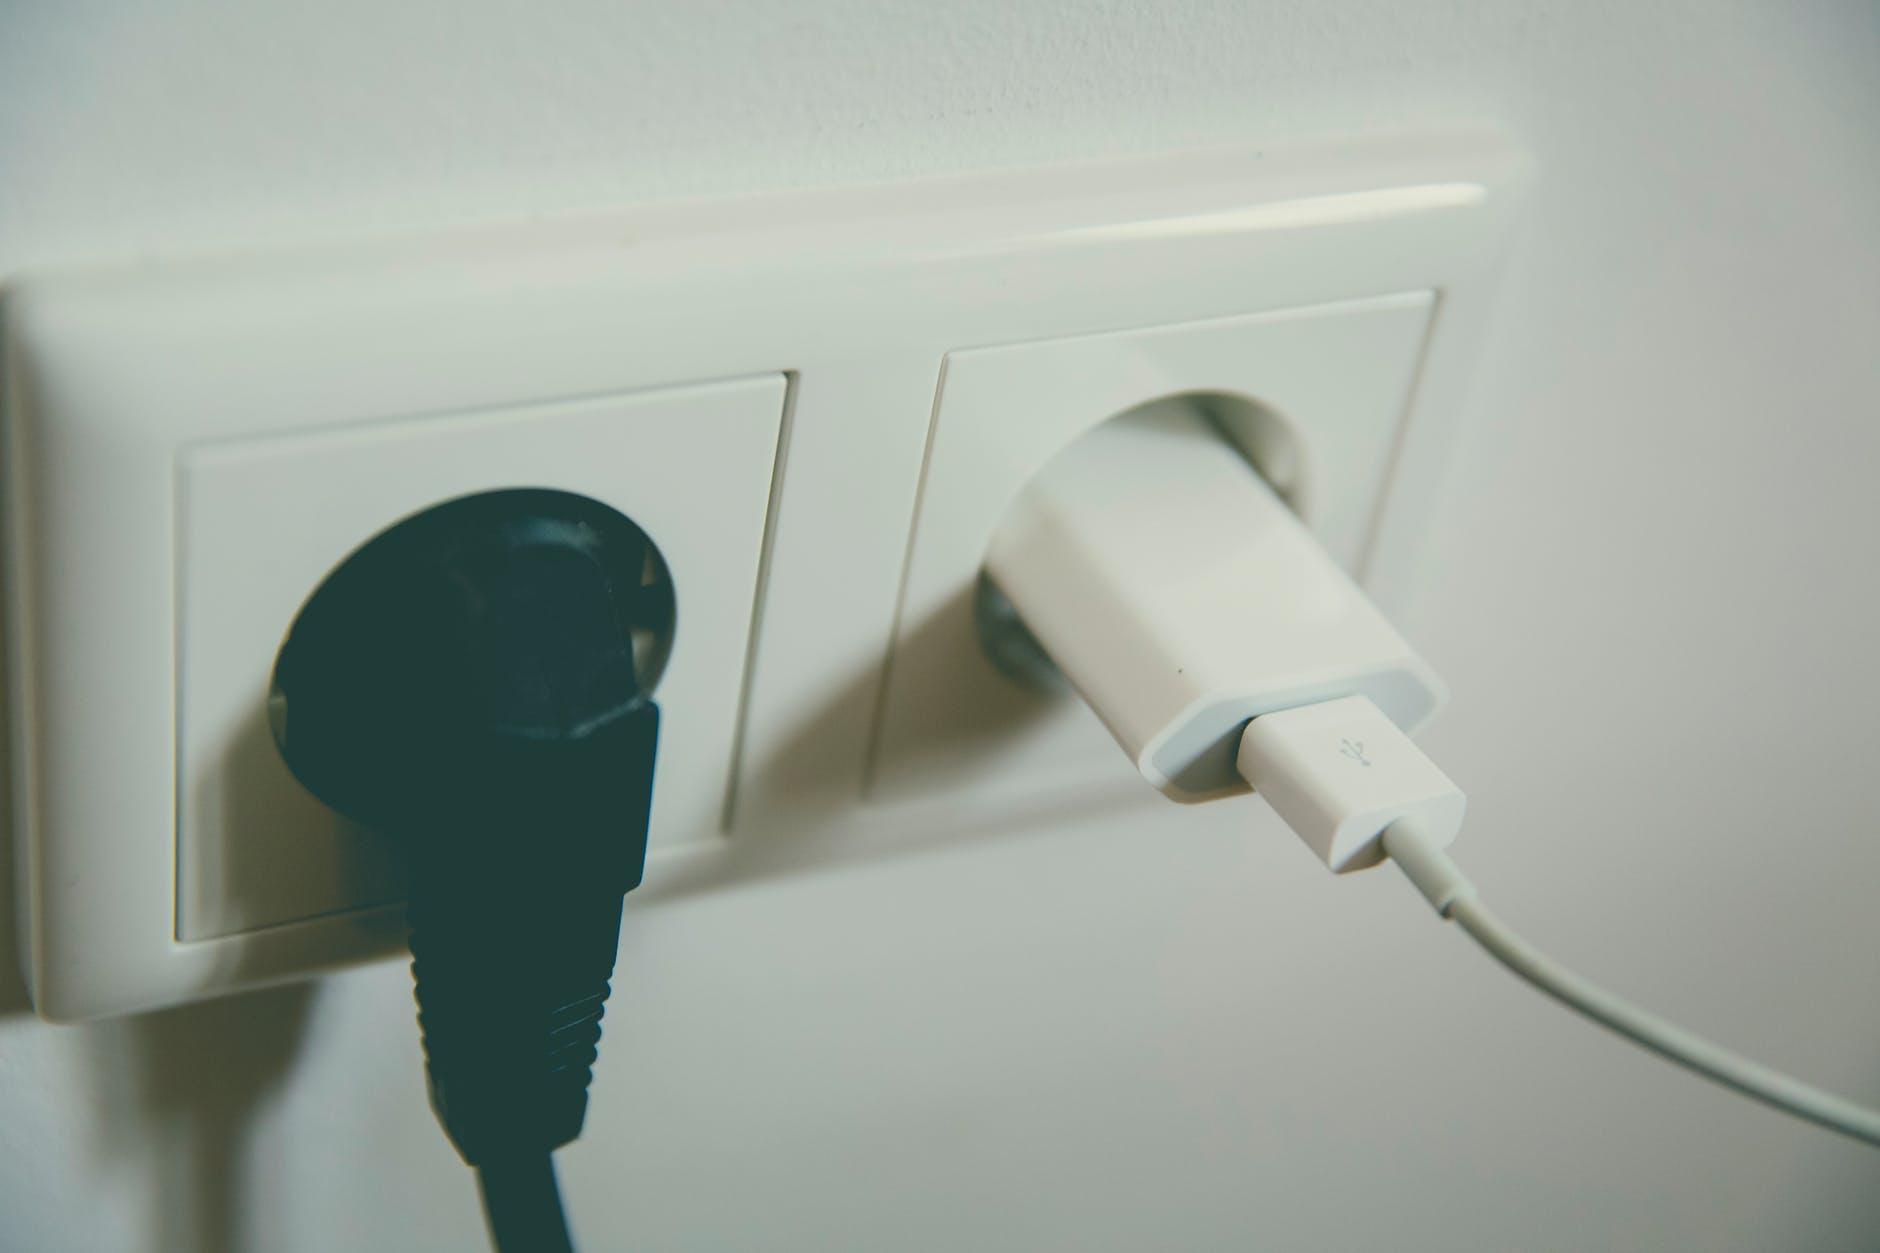 black socket on white switch besides white socket converter